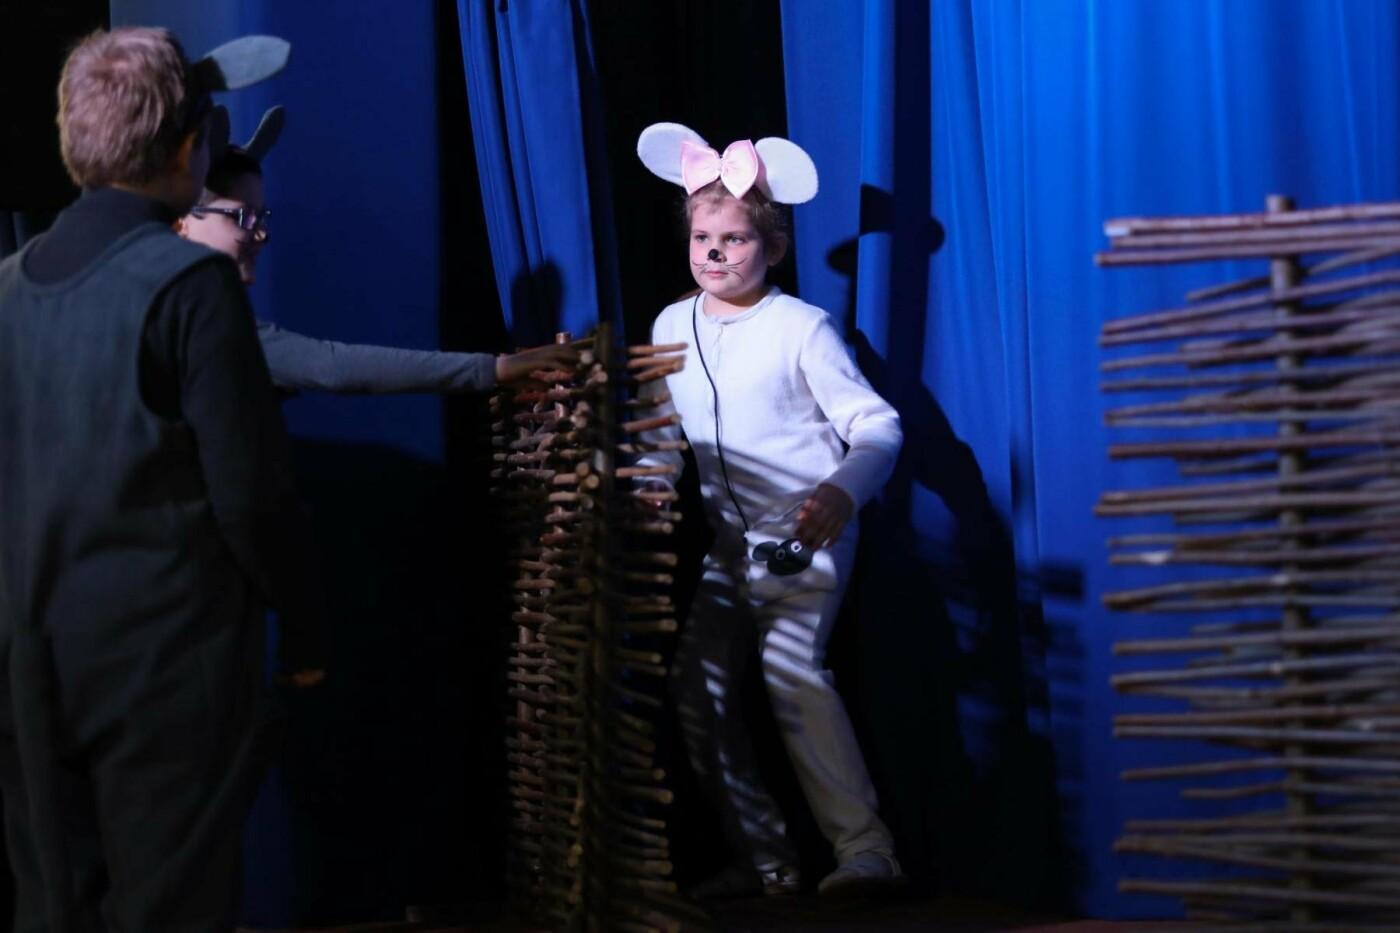 В Белгороде состоялась премьера инклюзивного спектакля «Приключения белой мышки», фото-4